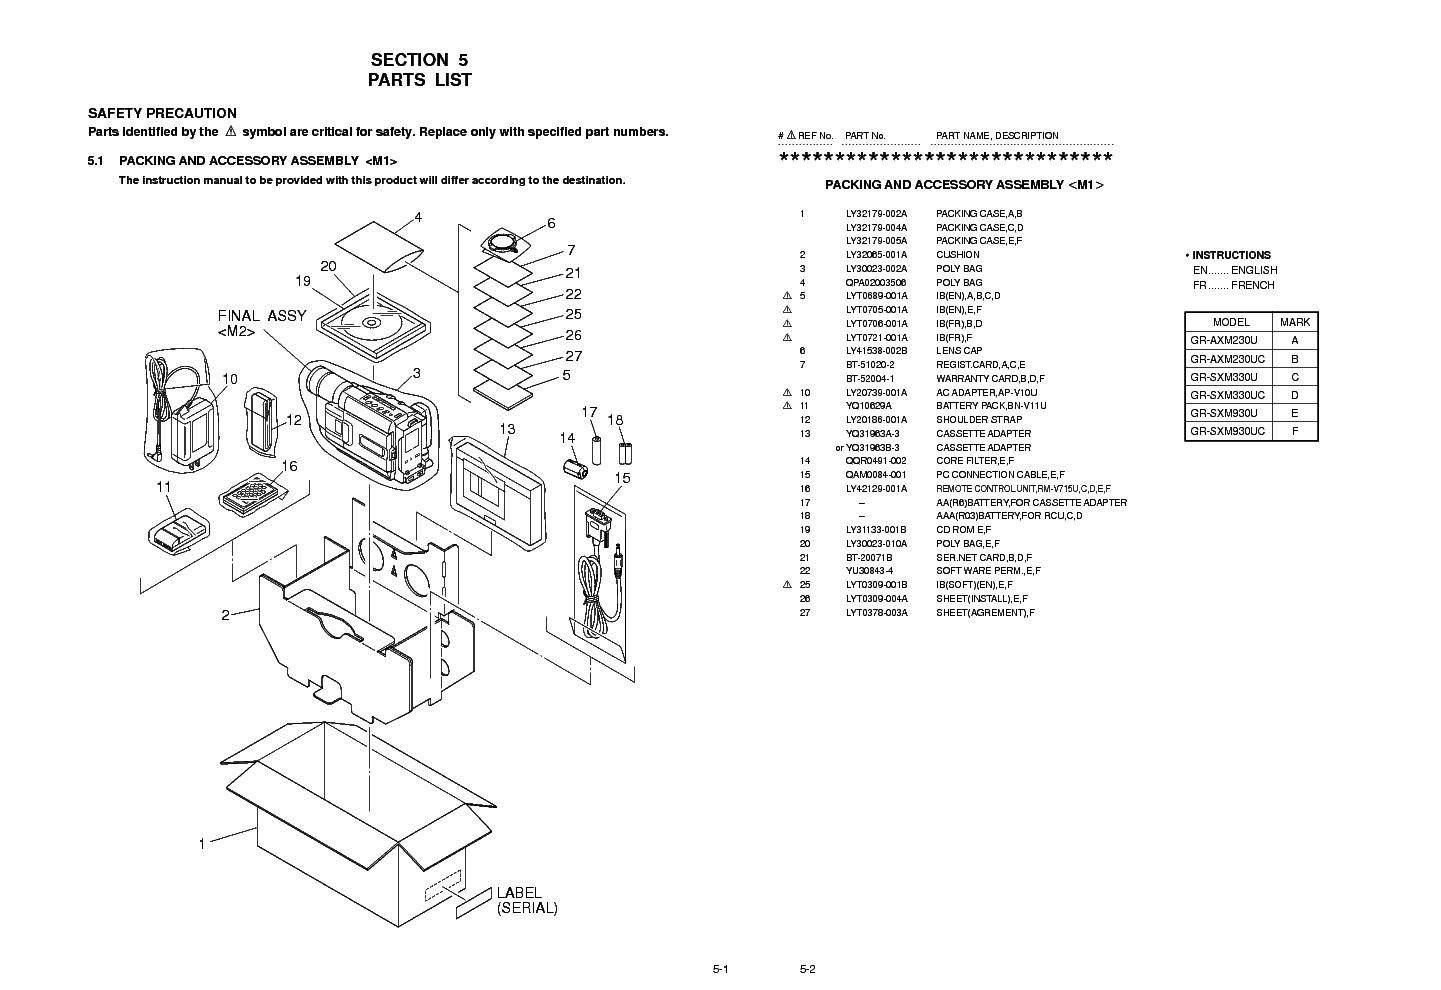 schematic diagram jvc gr axm230 gr sxm330u camcorders